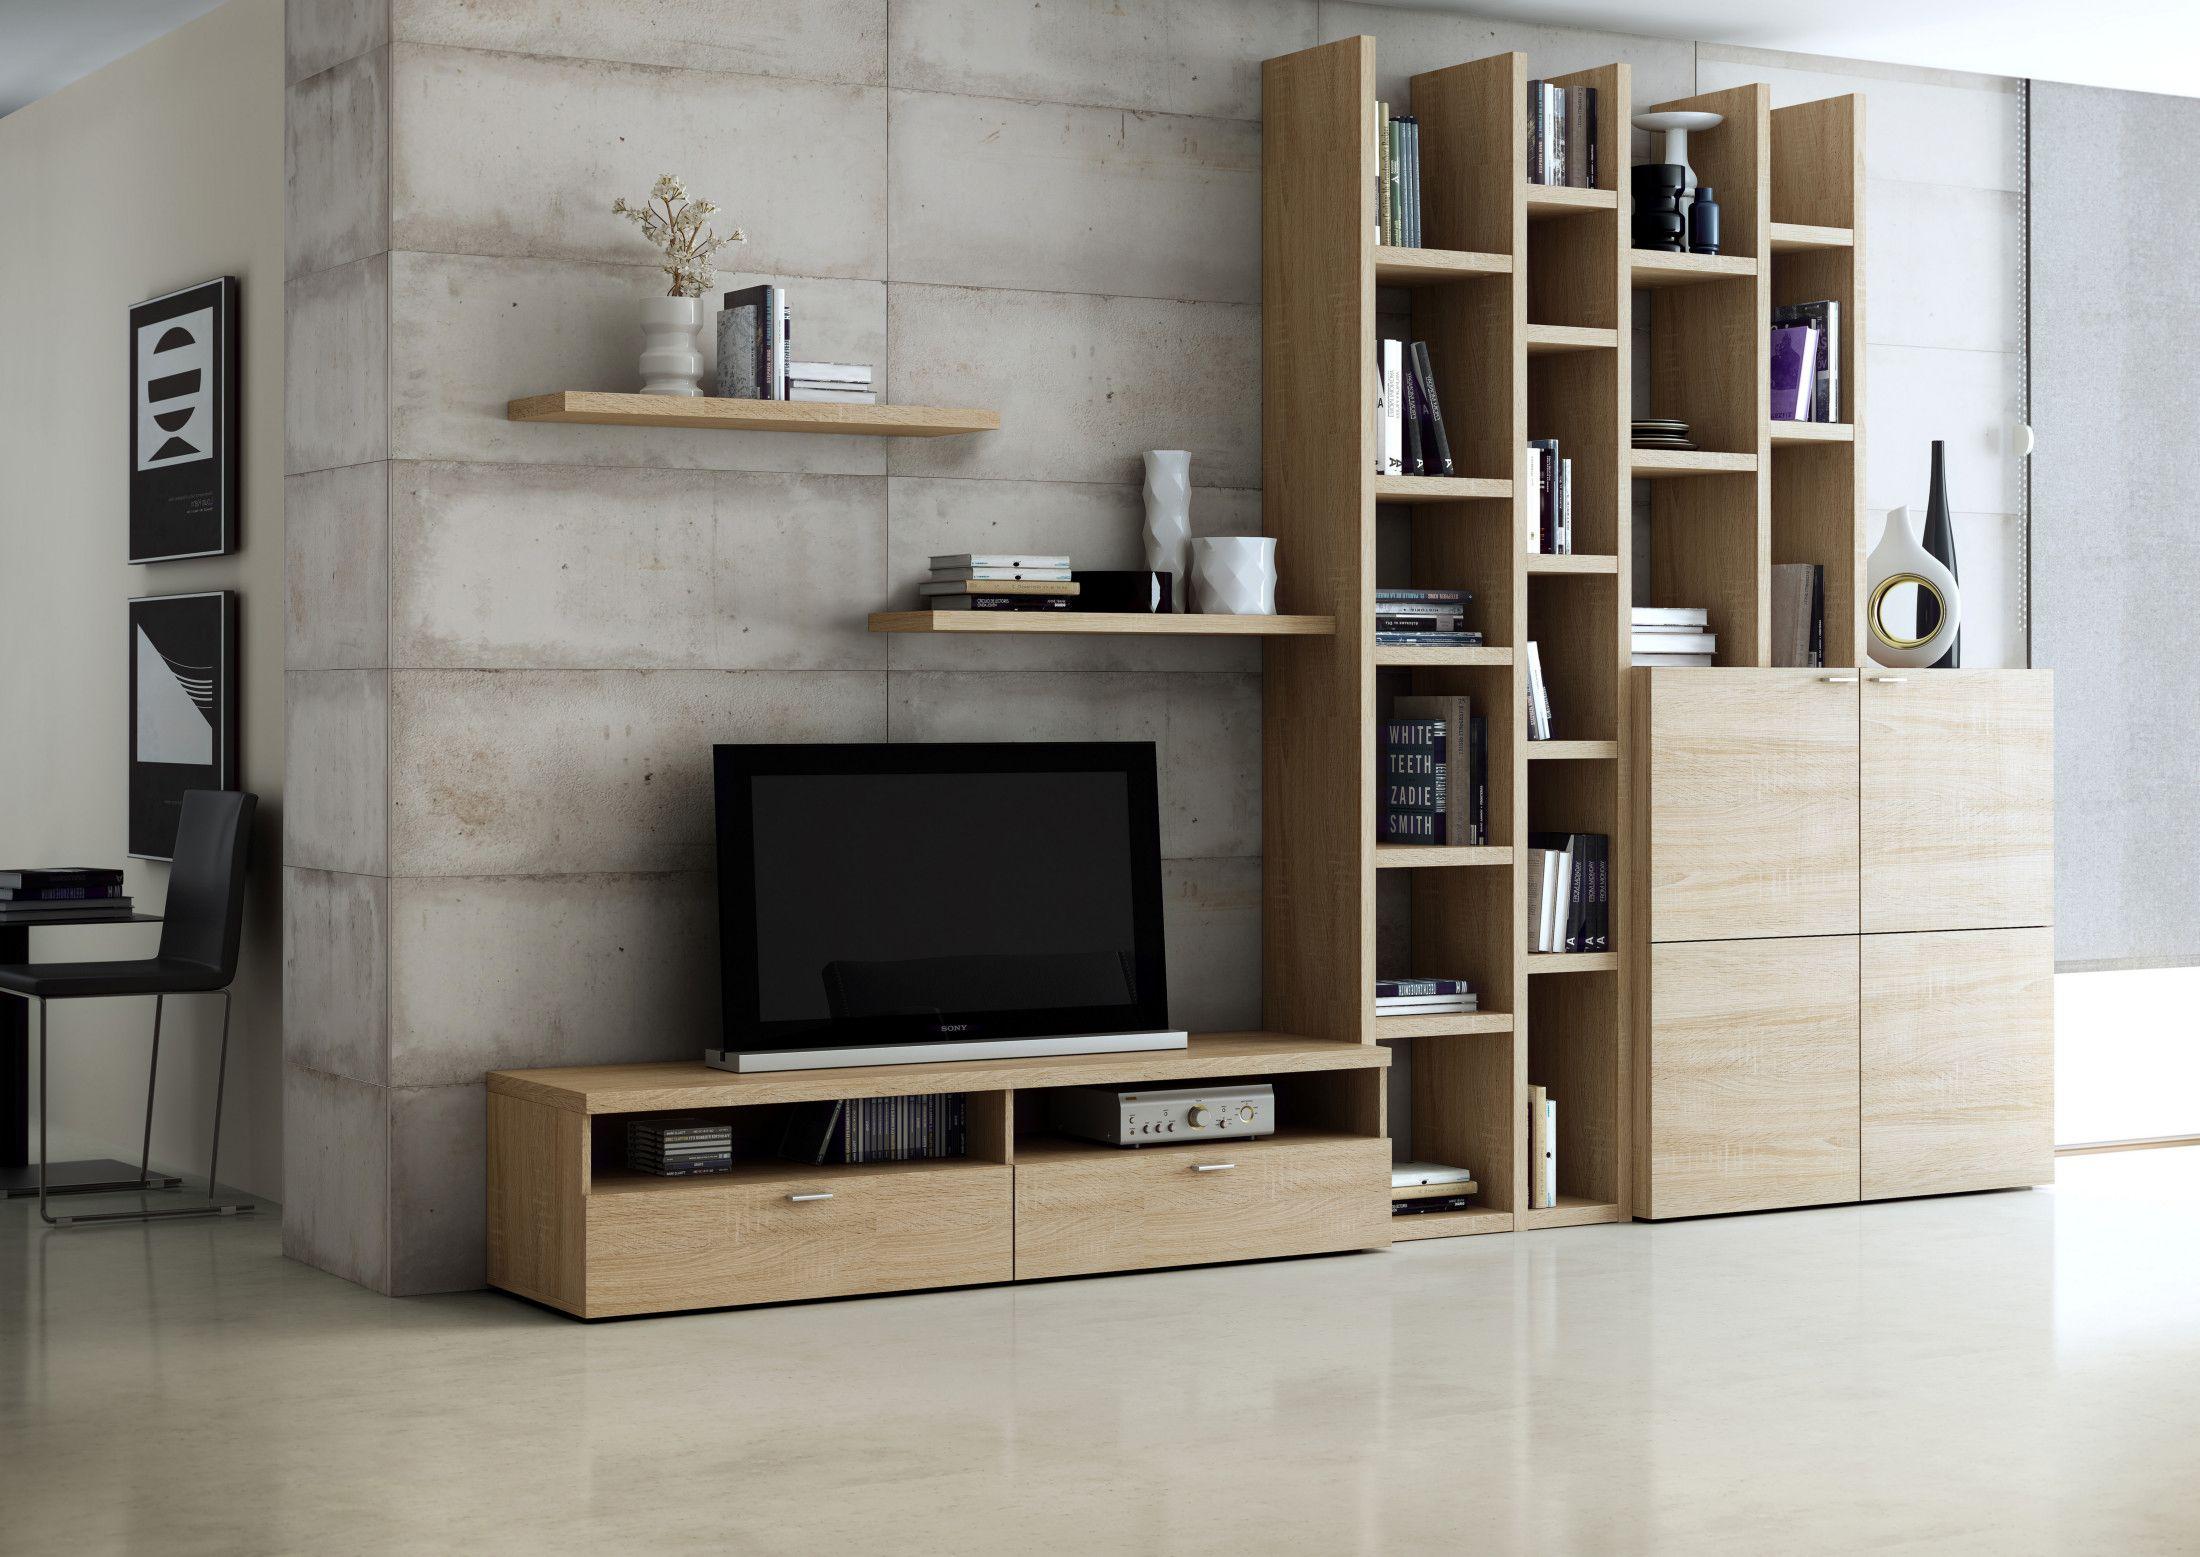 Toro Wohnzimmer Regal Wohnwand Bücherregal eiche natur sägerau maßgenau mgl eBay Shelf storage Pinterest